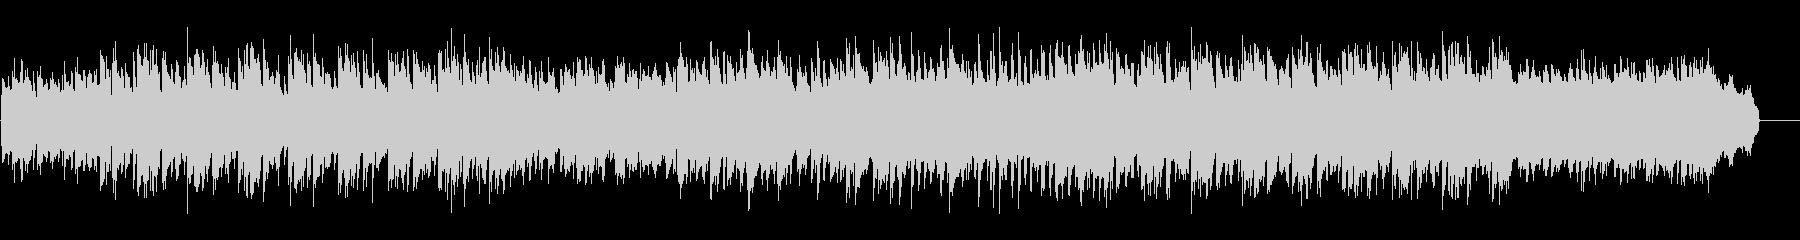 【パーカス抜】お気楽なカントリージャズの未再生の波形